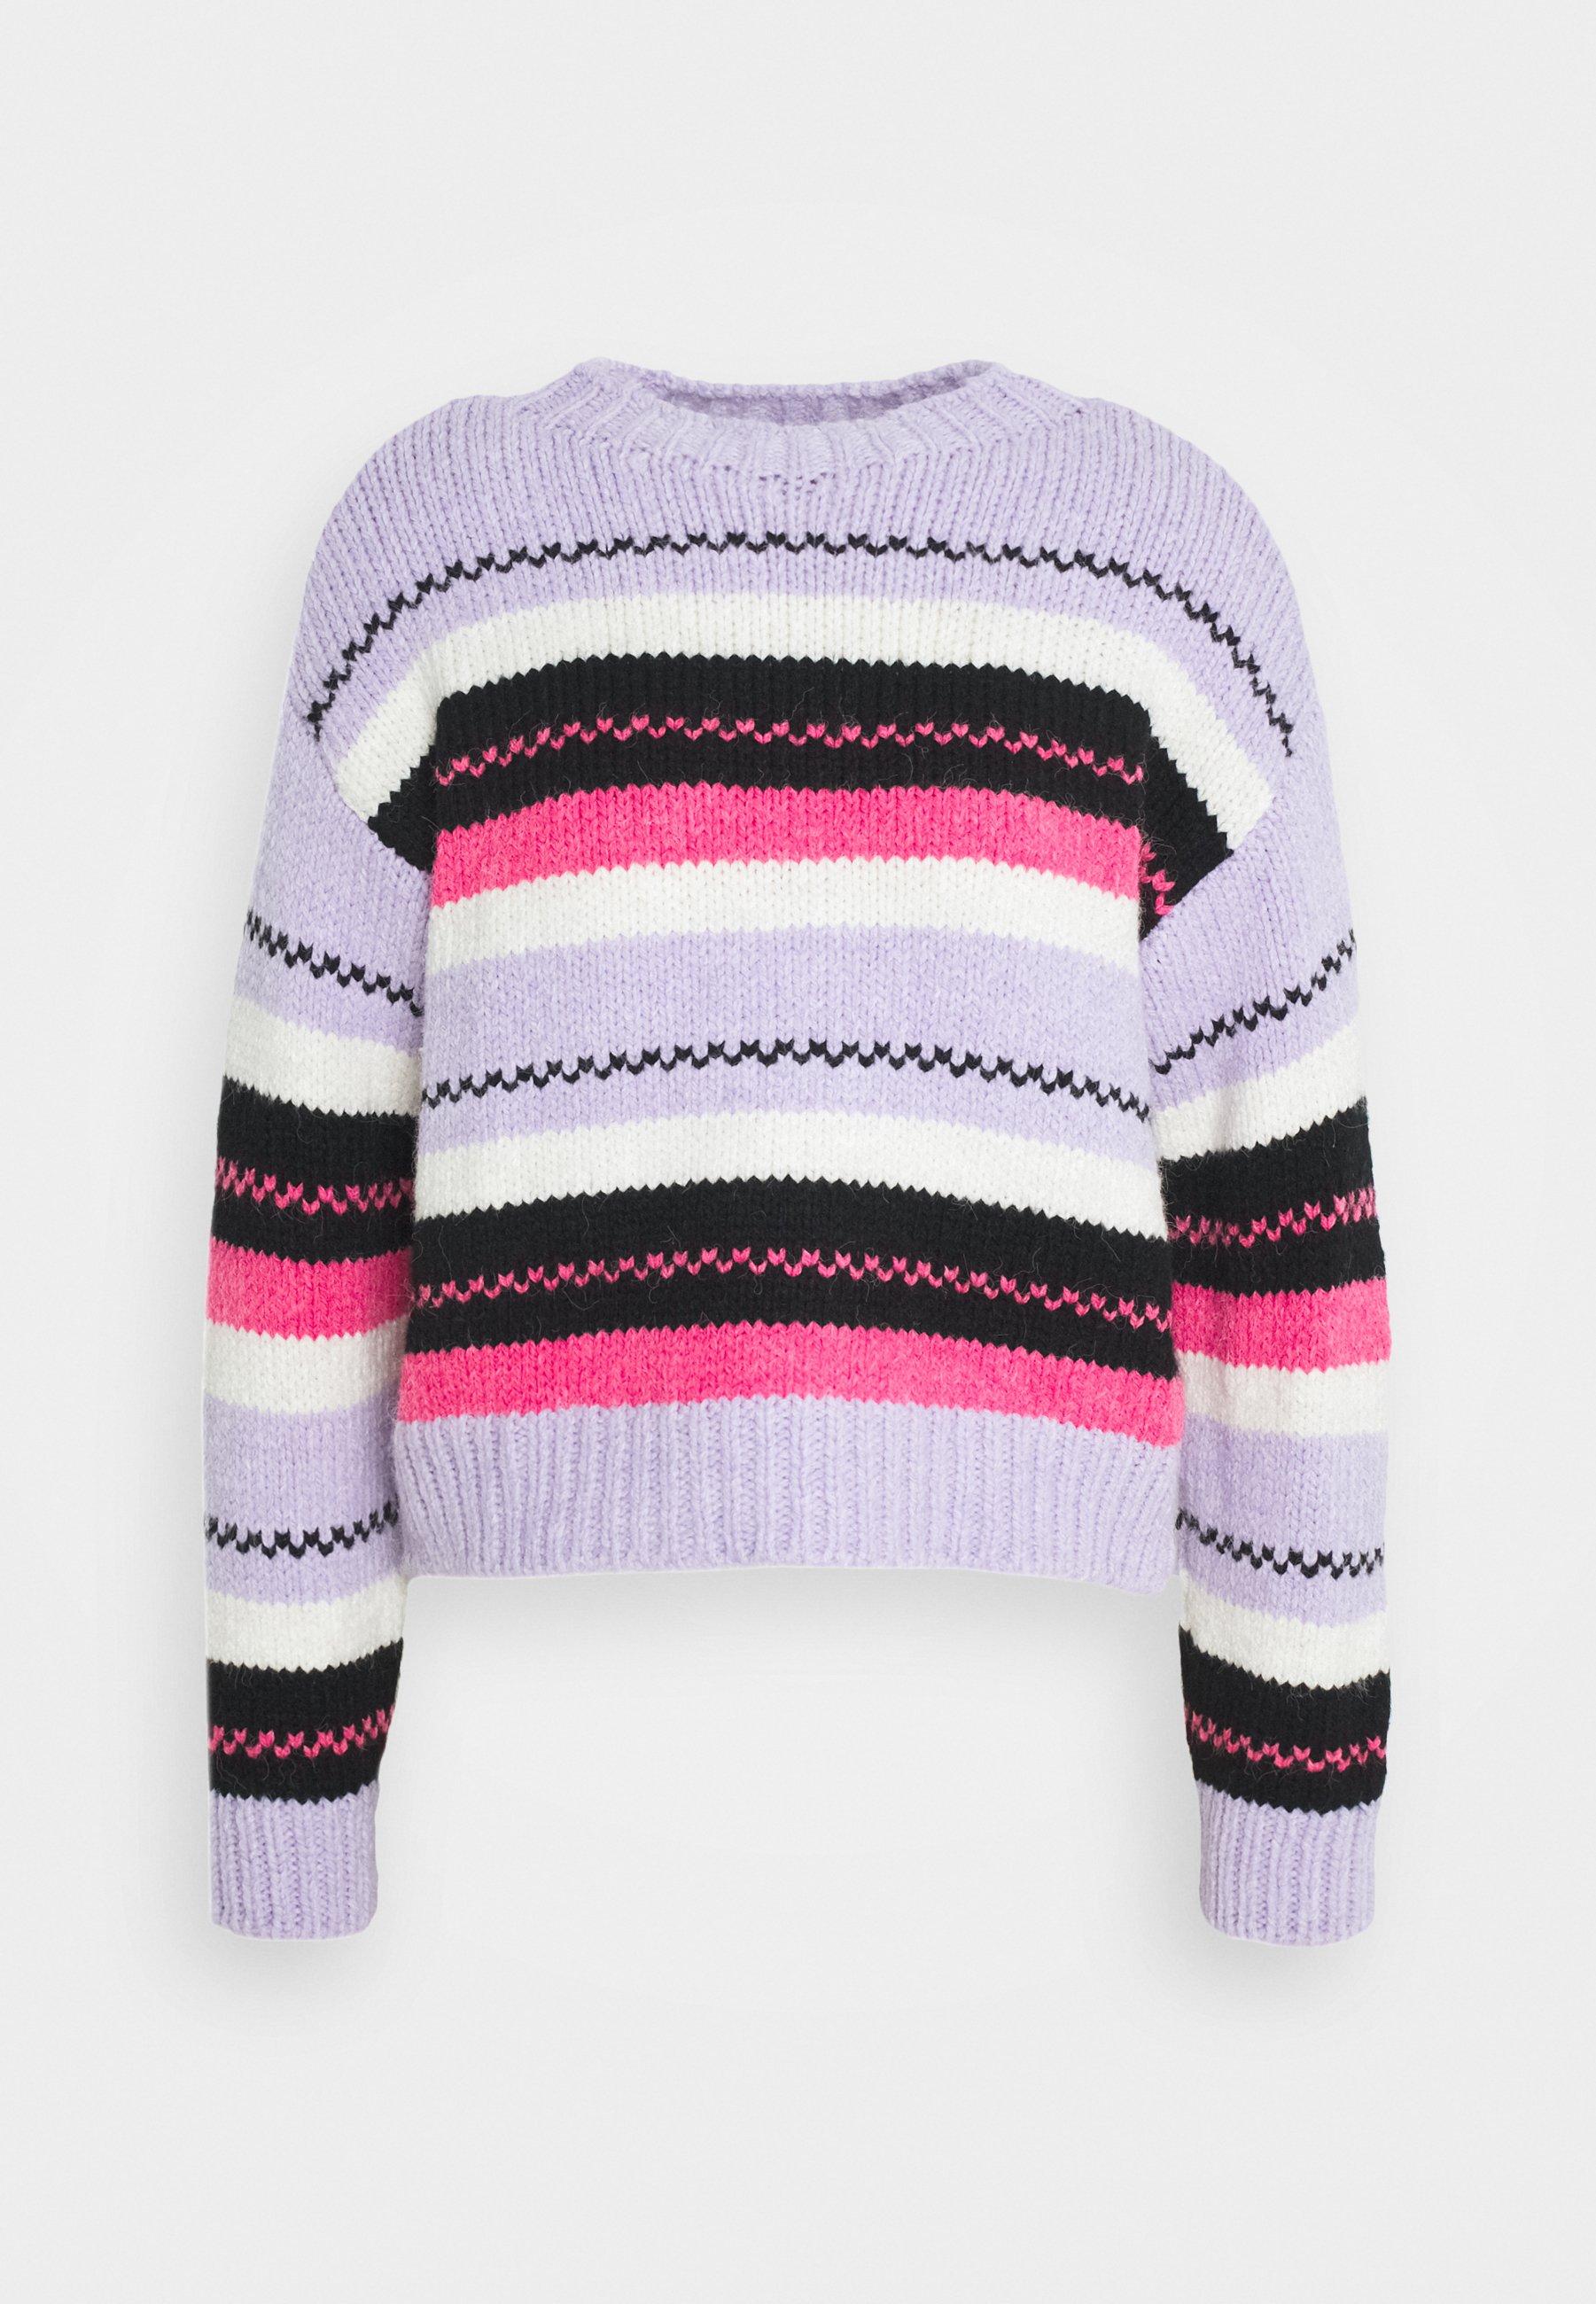 Flerfärgade Stickade tröjor | Dam | Köp stickade damtröjor